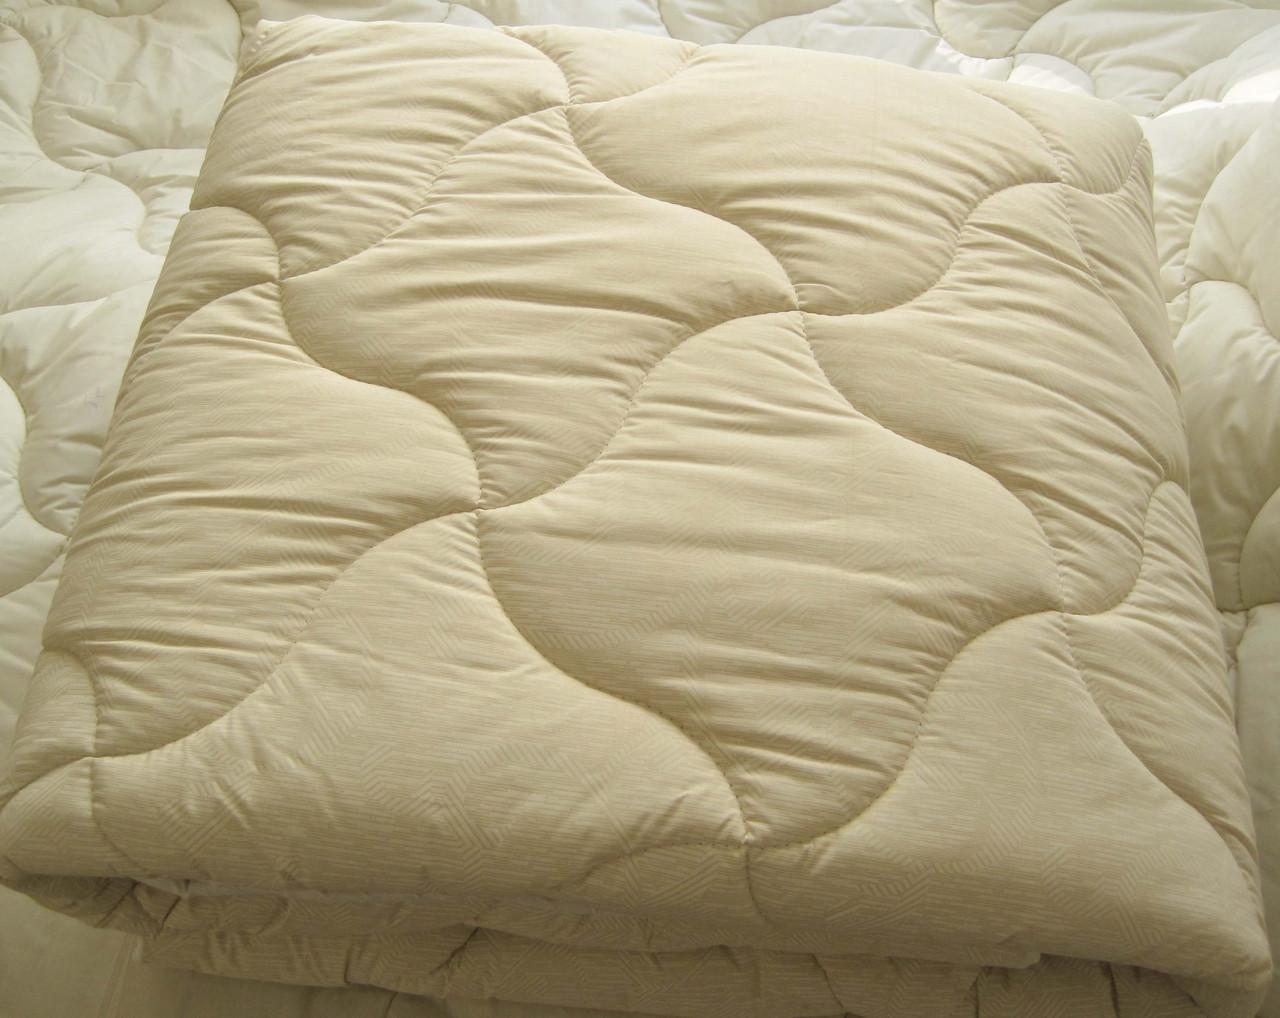 Одеяло двухспальное евро лебяжий пух 200*210 хлопок (3273) TM KRISPOL Украина